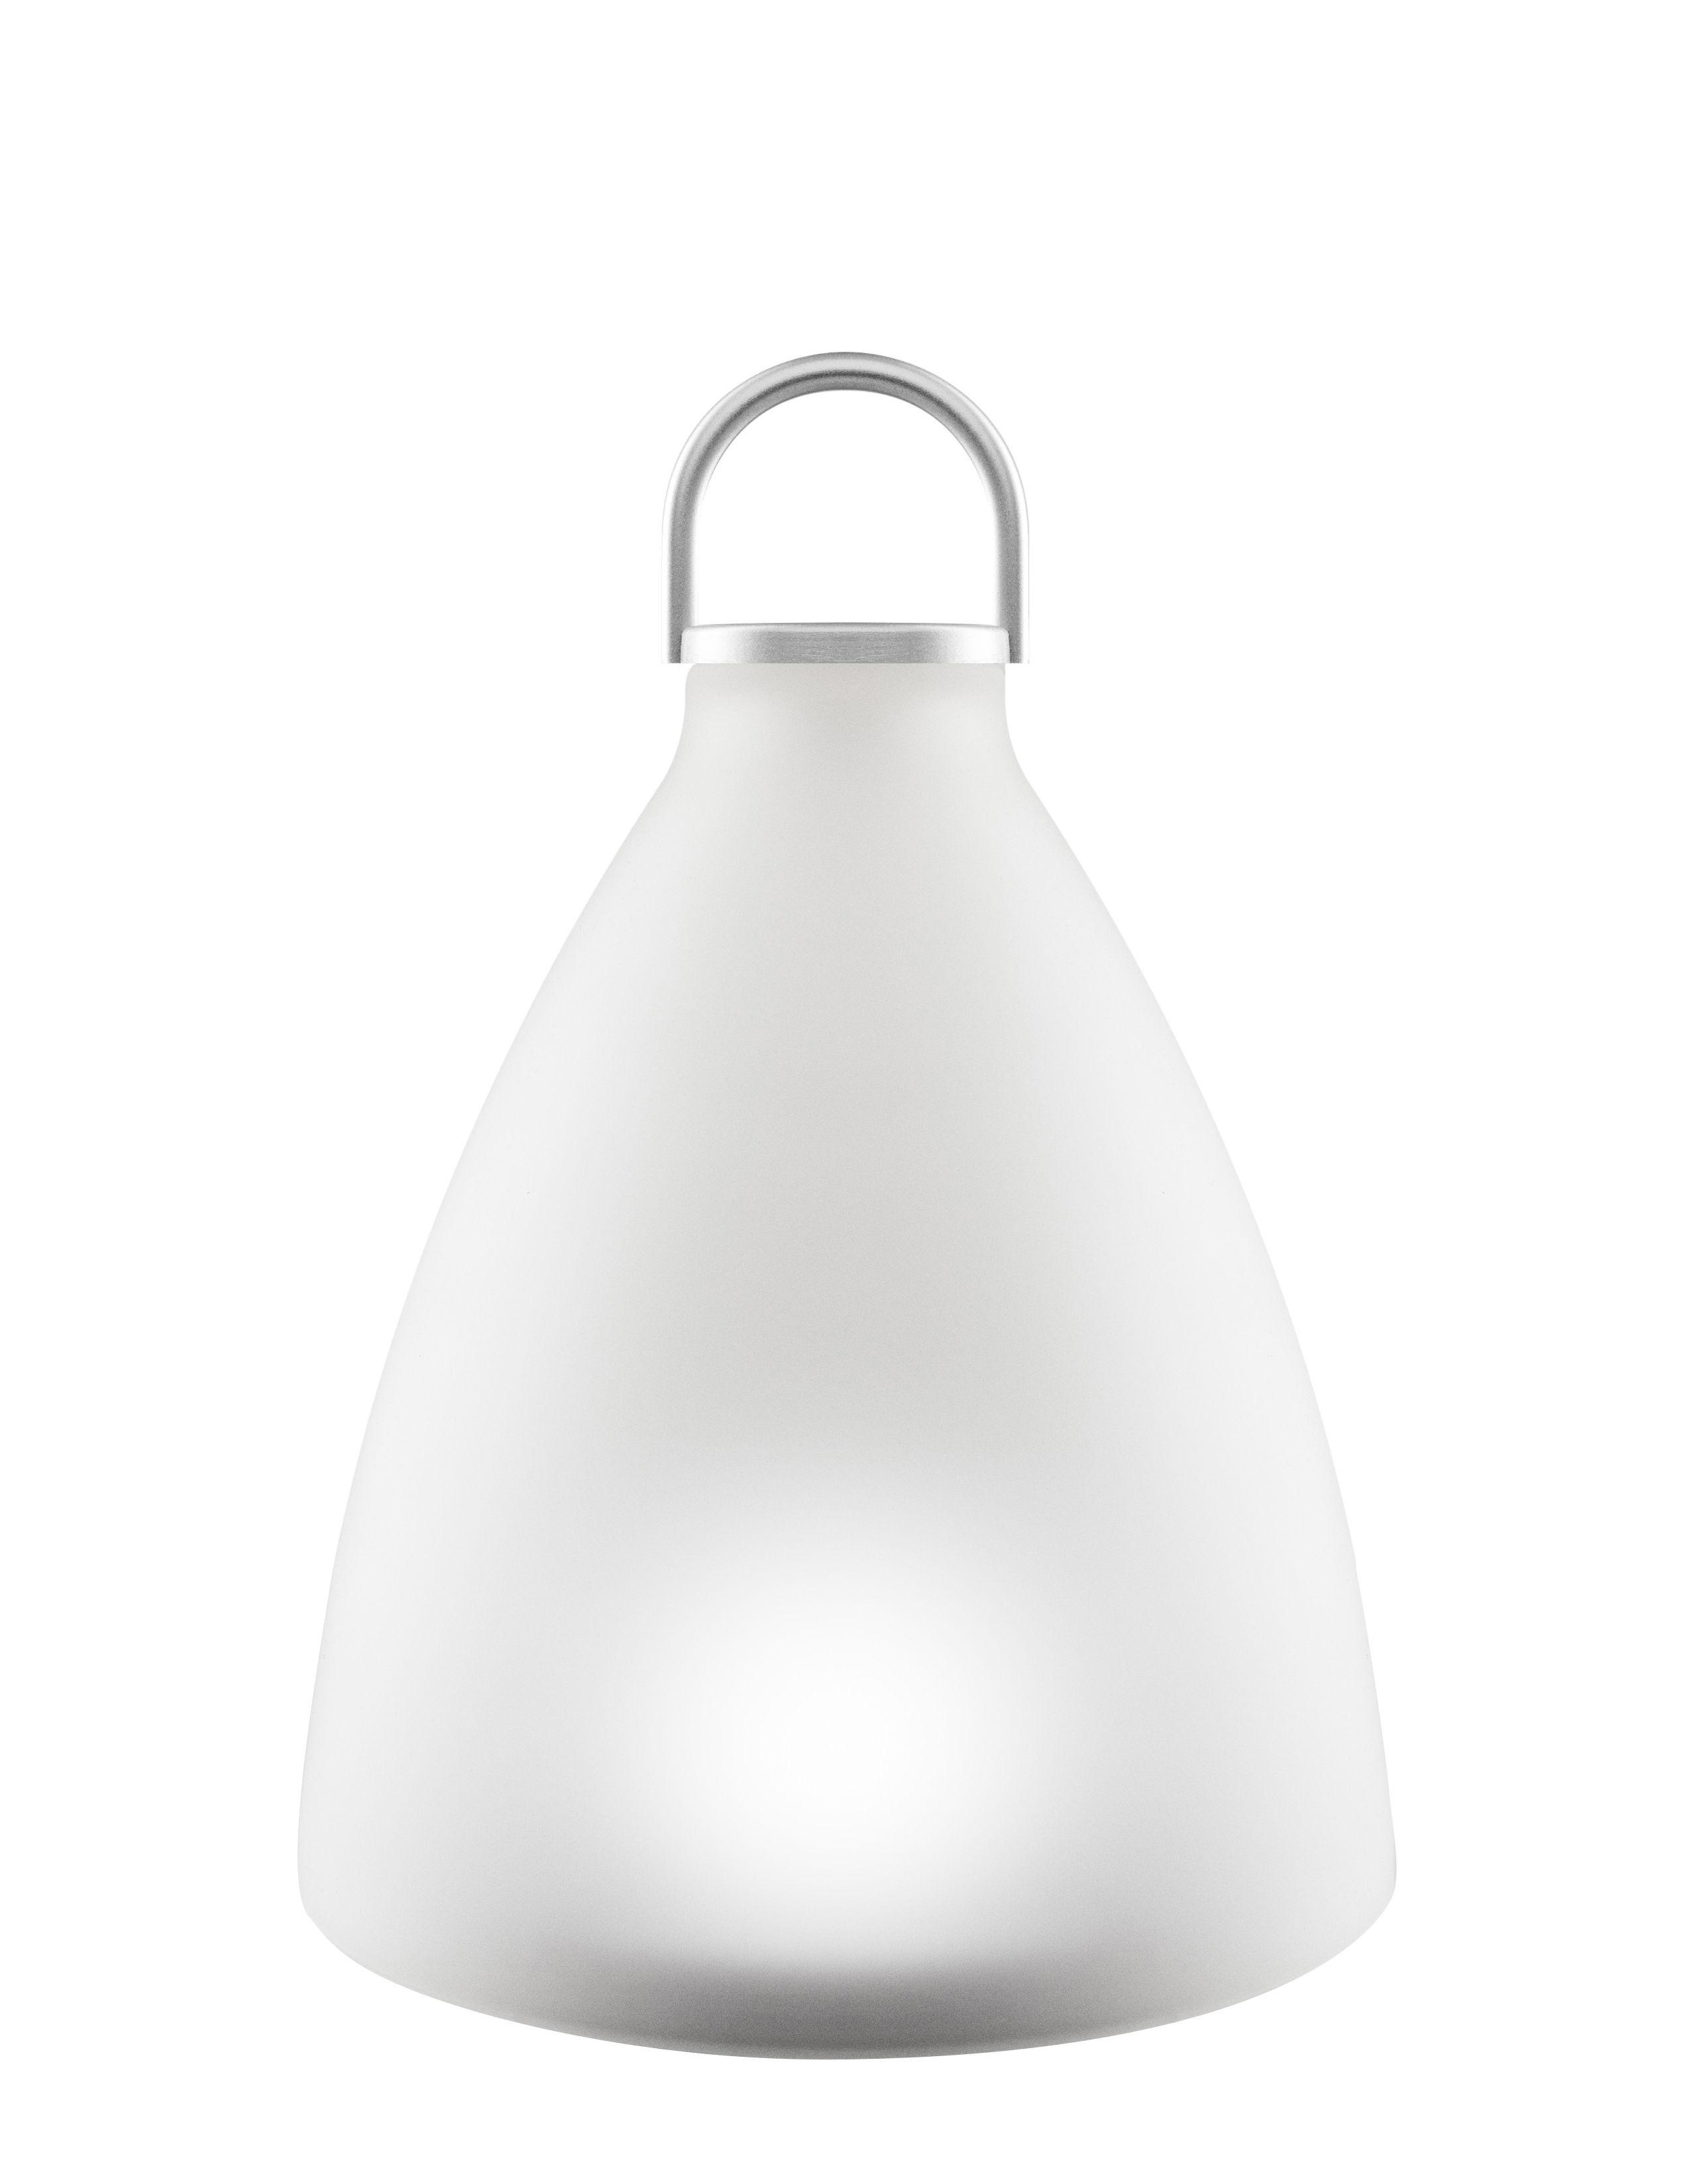 Luminaire - Lampes de table - Lampe solaire Sunlight Bell Small / LED - Verre - H 20 cm - Eva Solo - Small H 20 cm / Blanc - Aluminium anodisé, Verre dépoli pressé